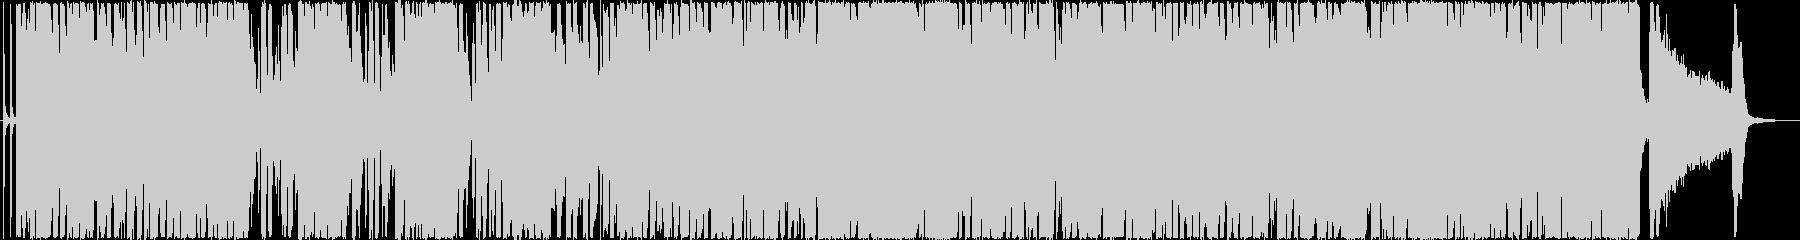 カワイイエレチップポップスの未再生の波形